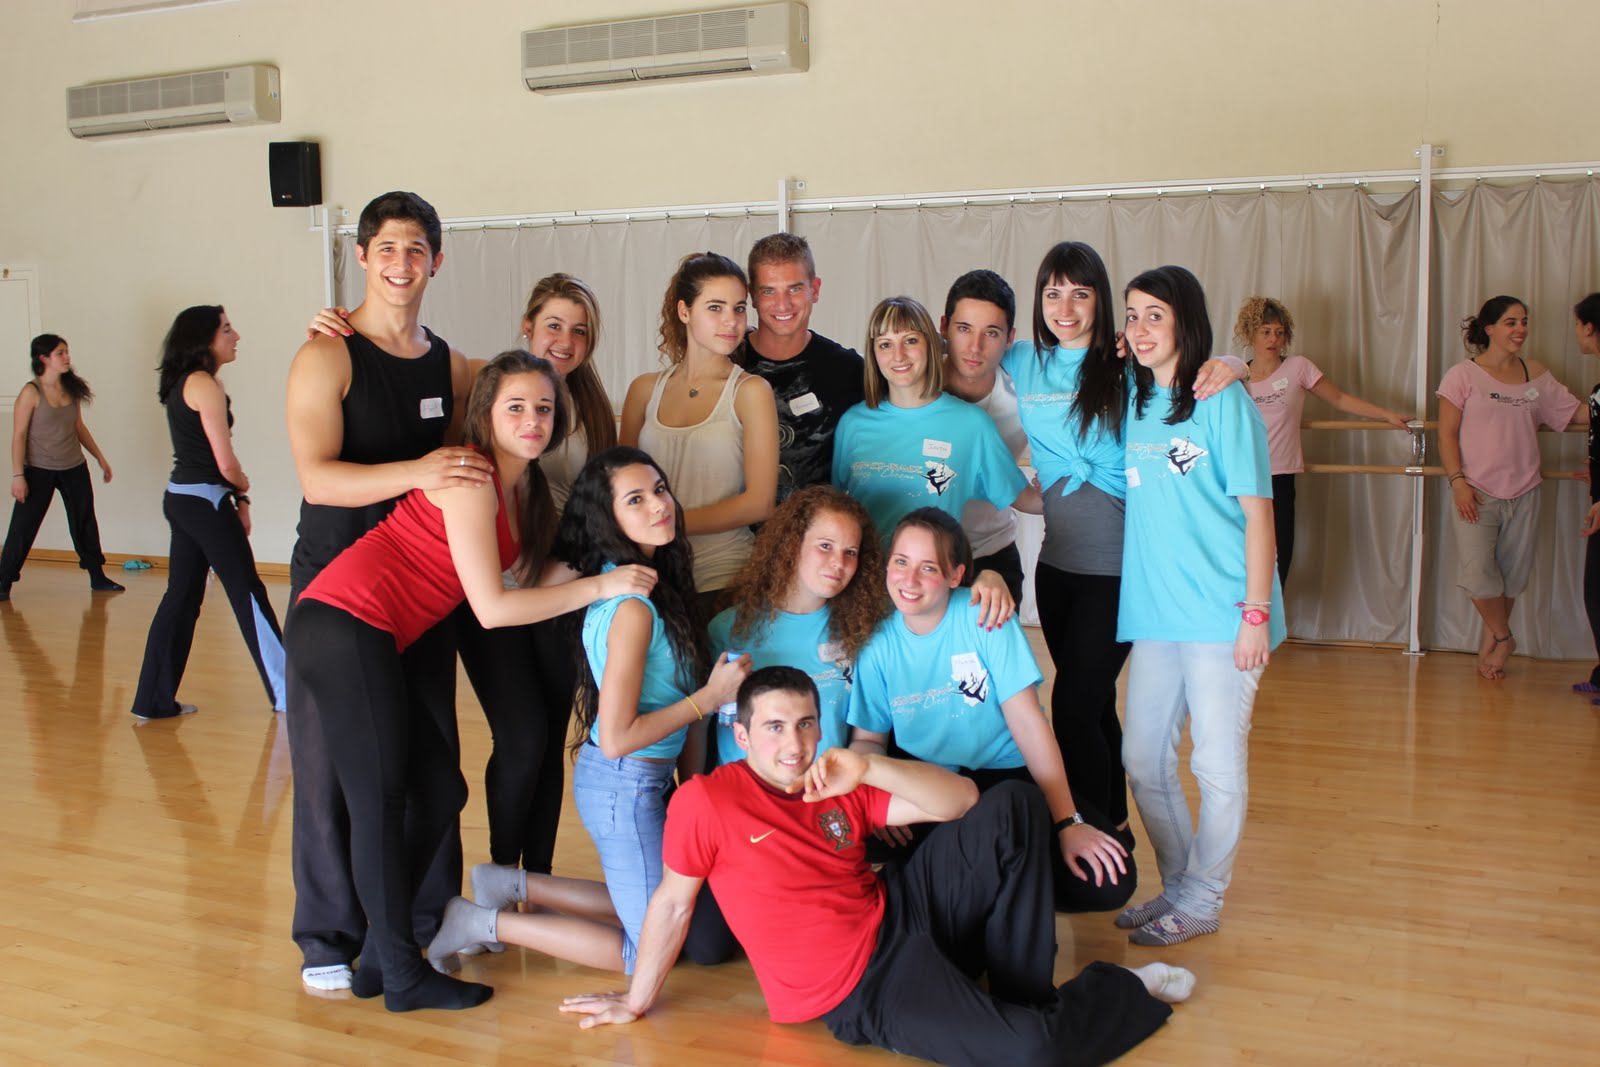 Escuela de danza y acrobacia gimnasio pir mide chasing for Gimnasio hospitalet